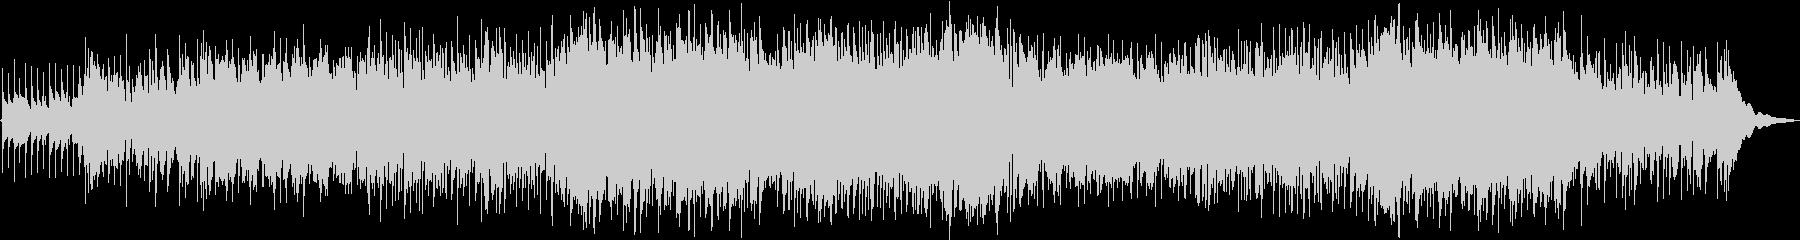 ロックバラードの未再生の波形